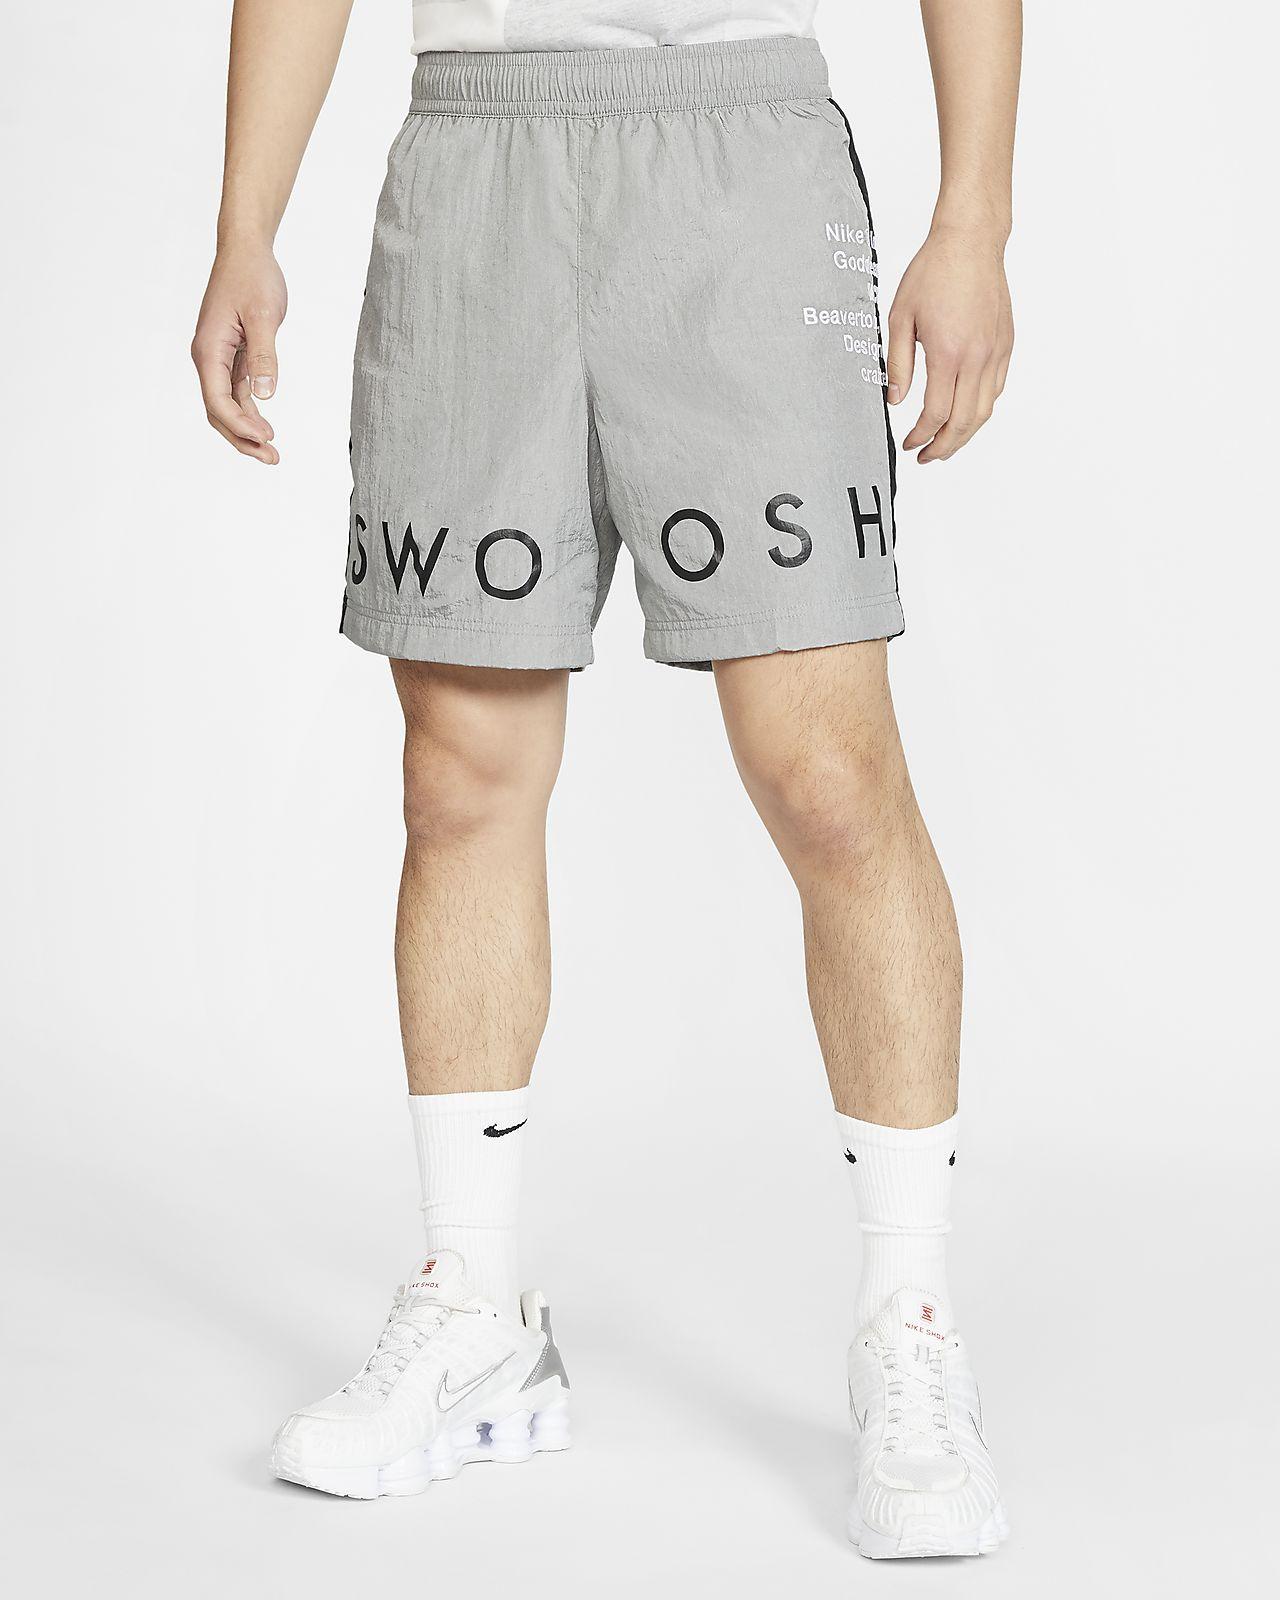 ナイキ スポーツウェア スウッシュ メンズ ウーブン ショートパンツ